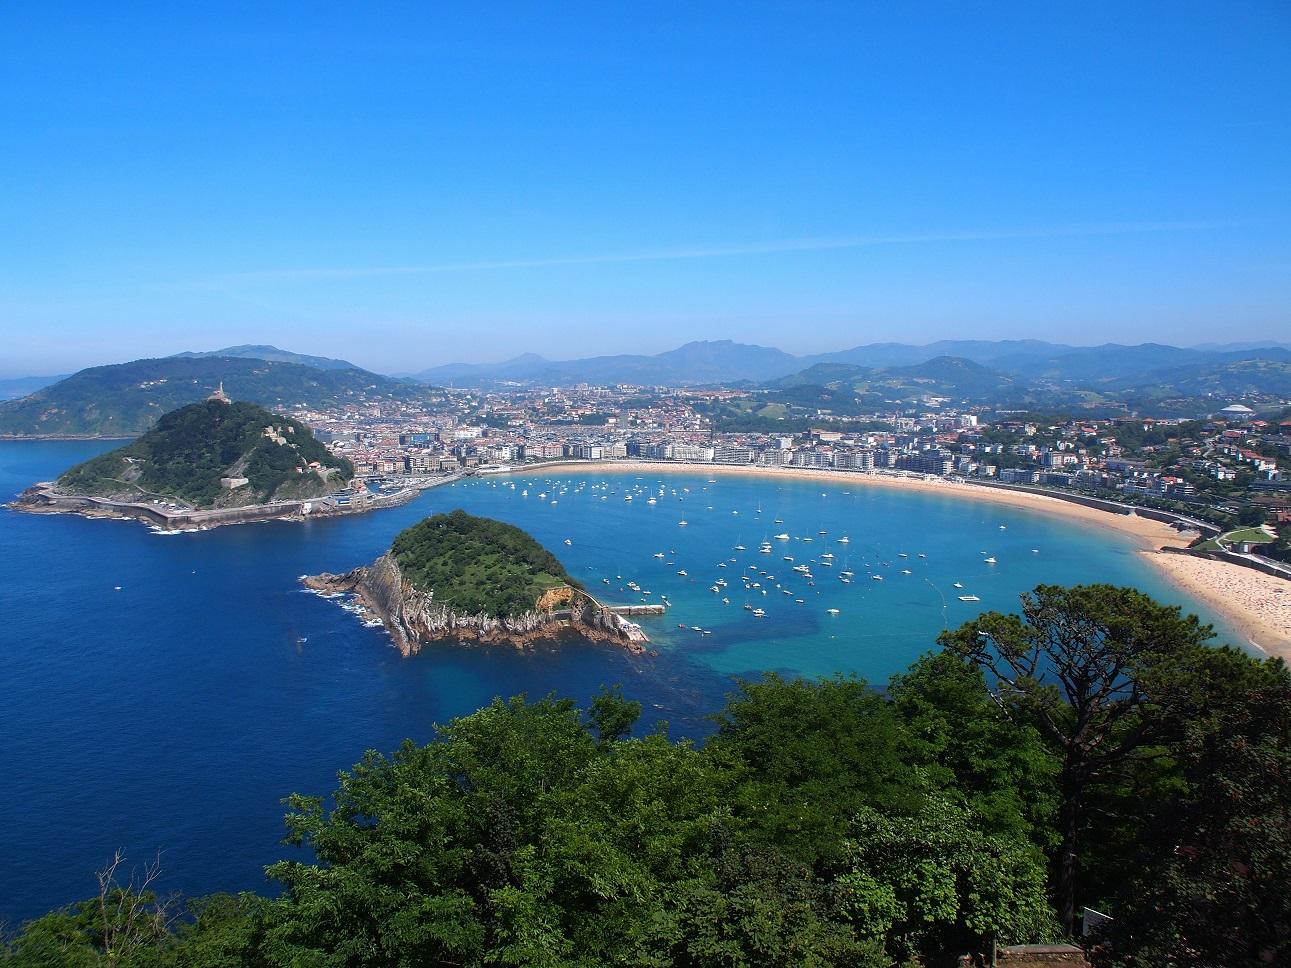 viaje con amigos Vista de la Playa de La Concha, San Sebastián.